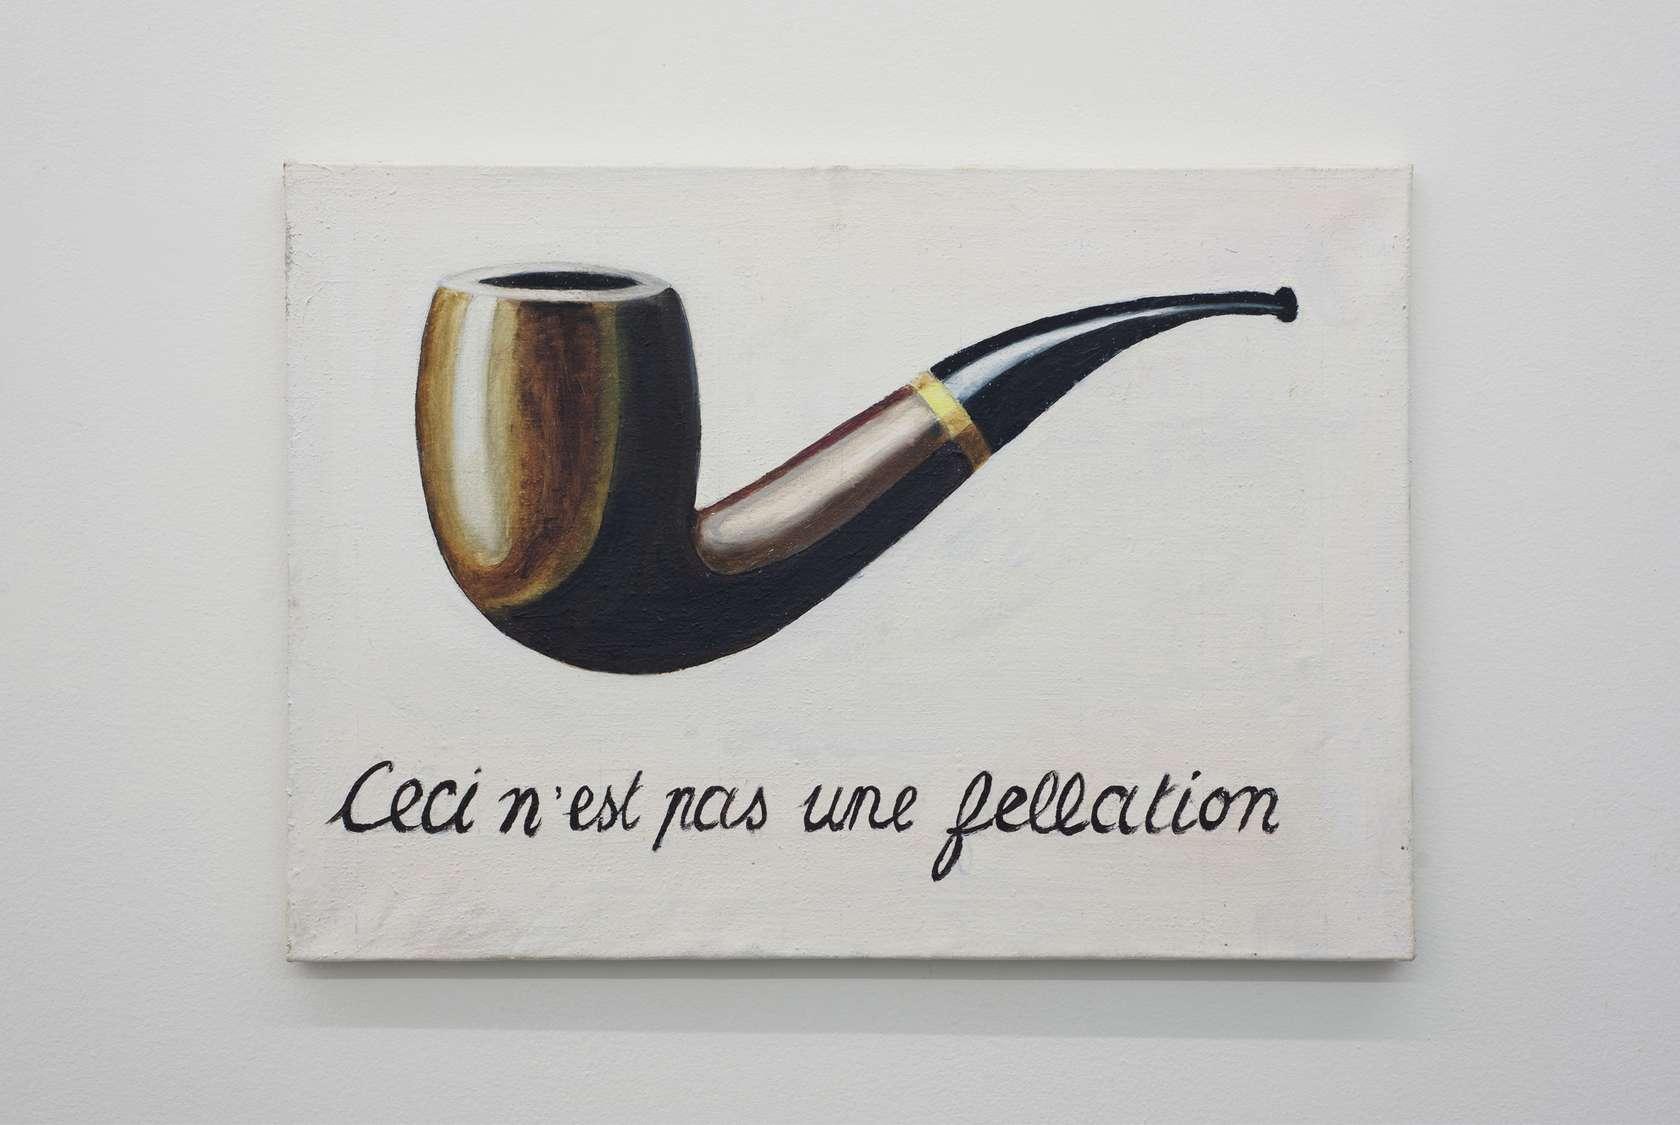 Présence Panchounette, Ceci n'est pas une fellation, 1979 Acrylique sur toile